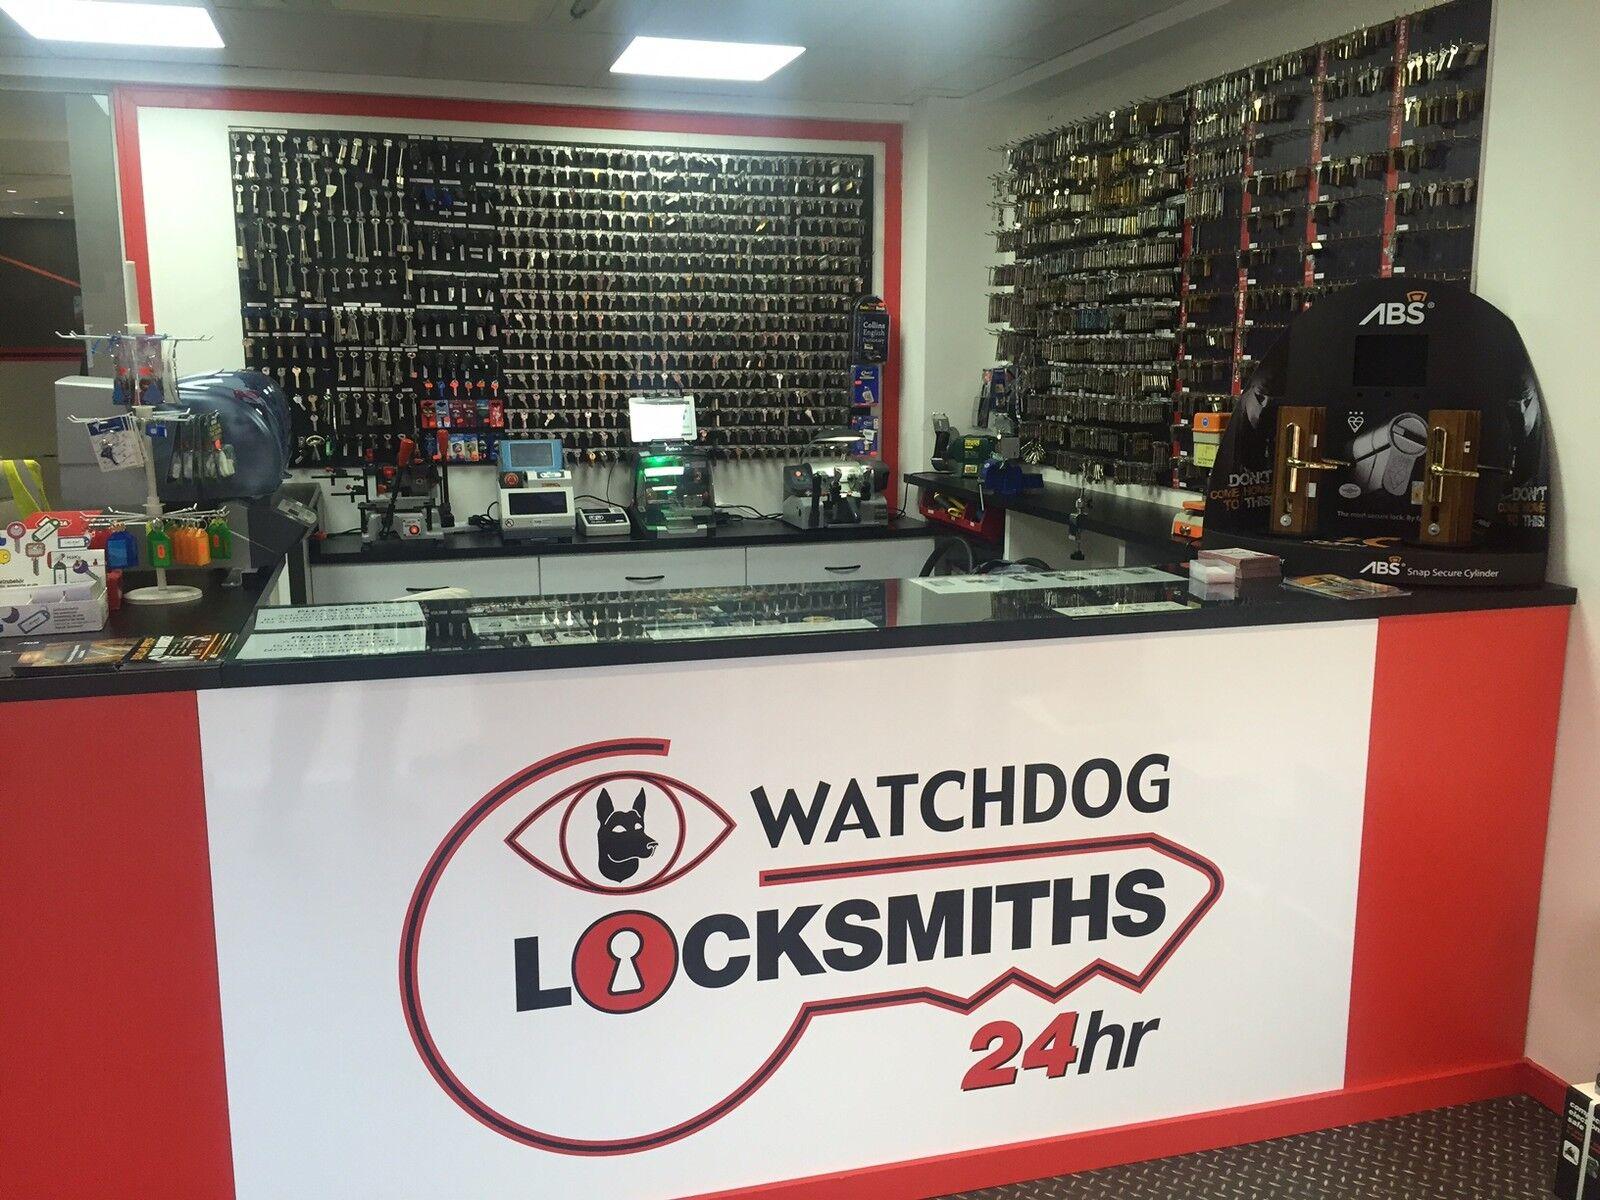 Watchdog Locksmiths